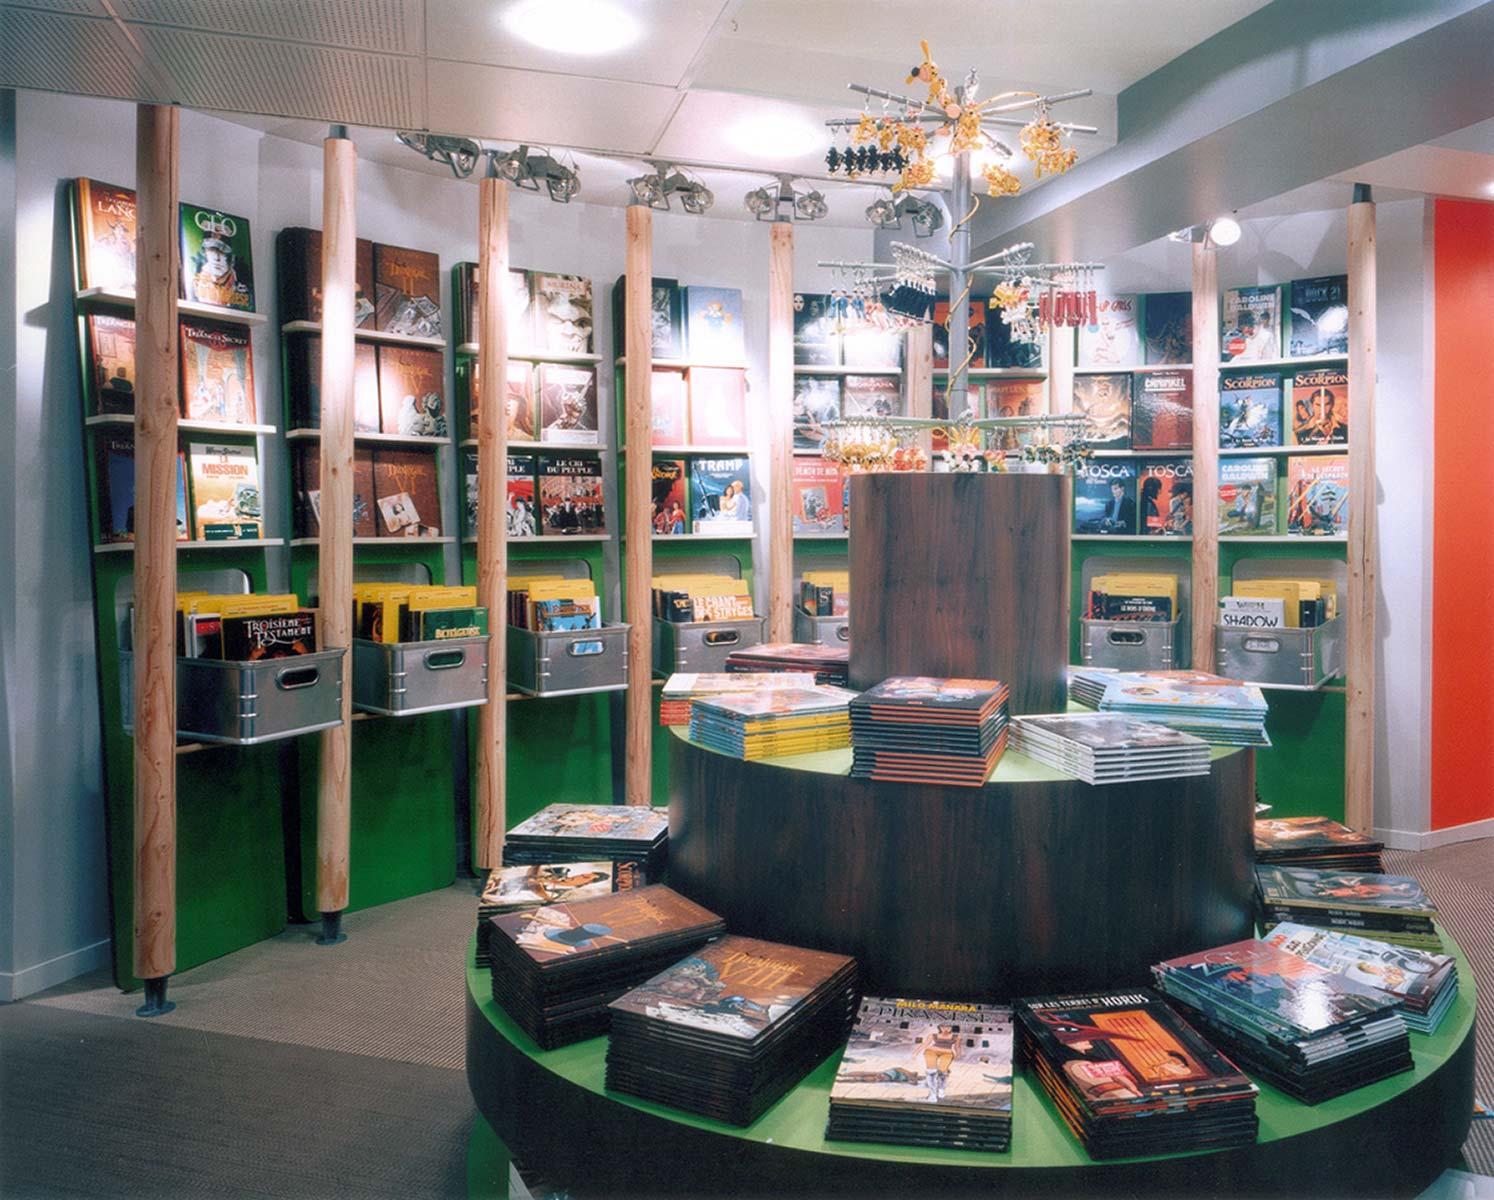 Lautrefabrique architectes librairie bulles de salons - Salon de the librairie ...